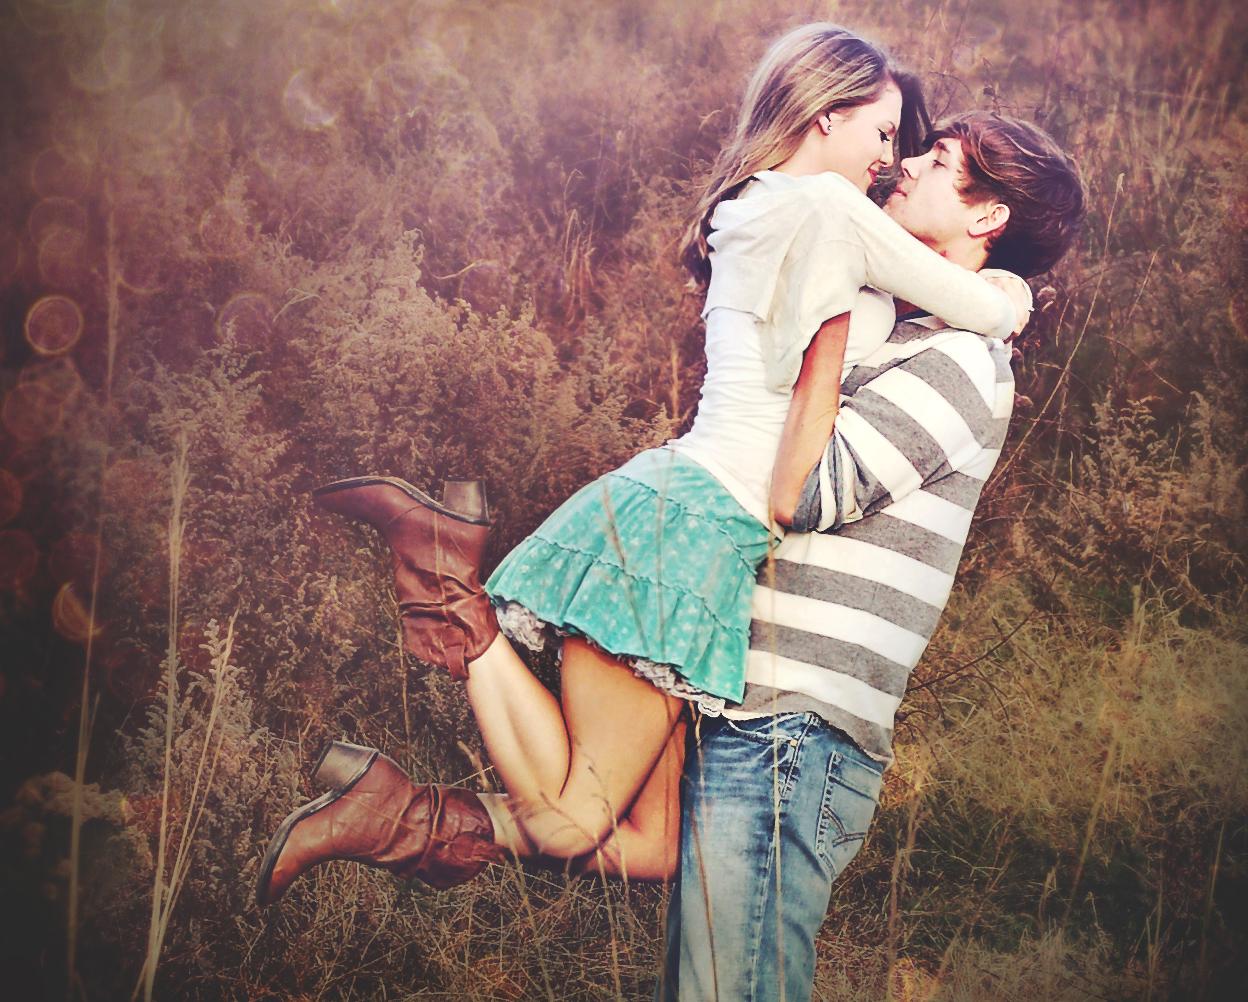 Притча о том, как вернуть теплоту и нежность в отношения